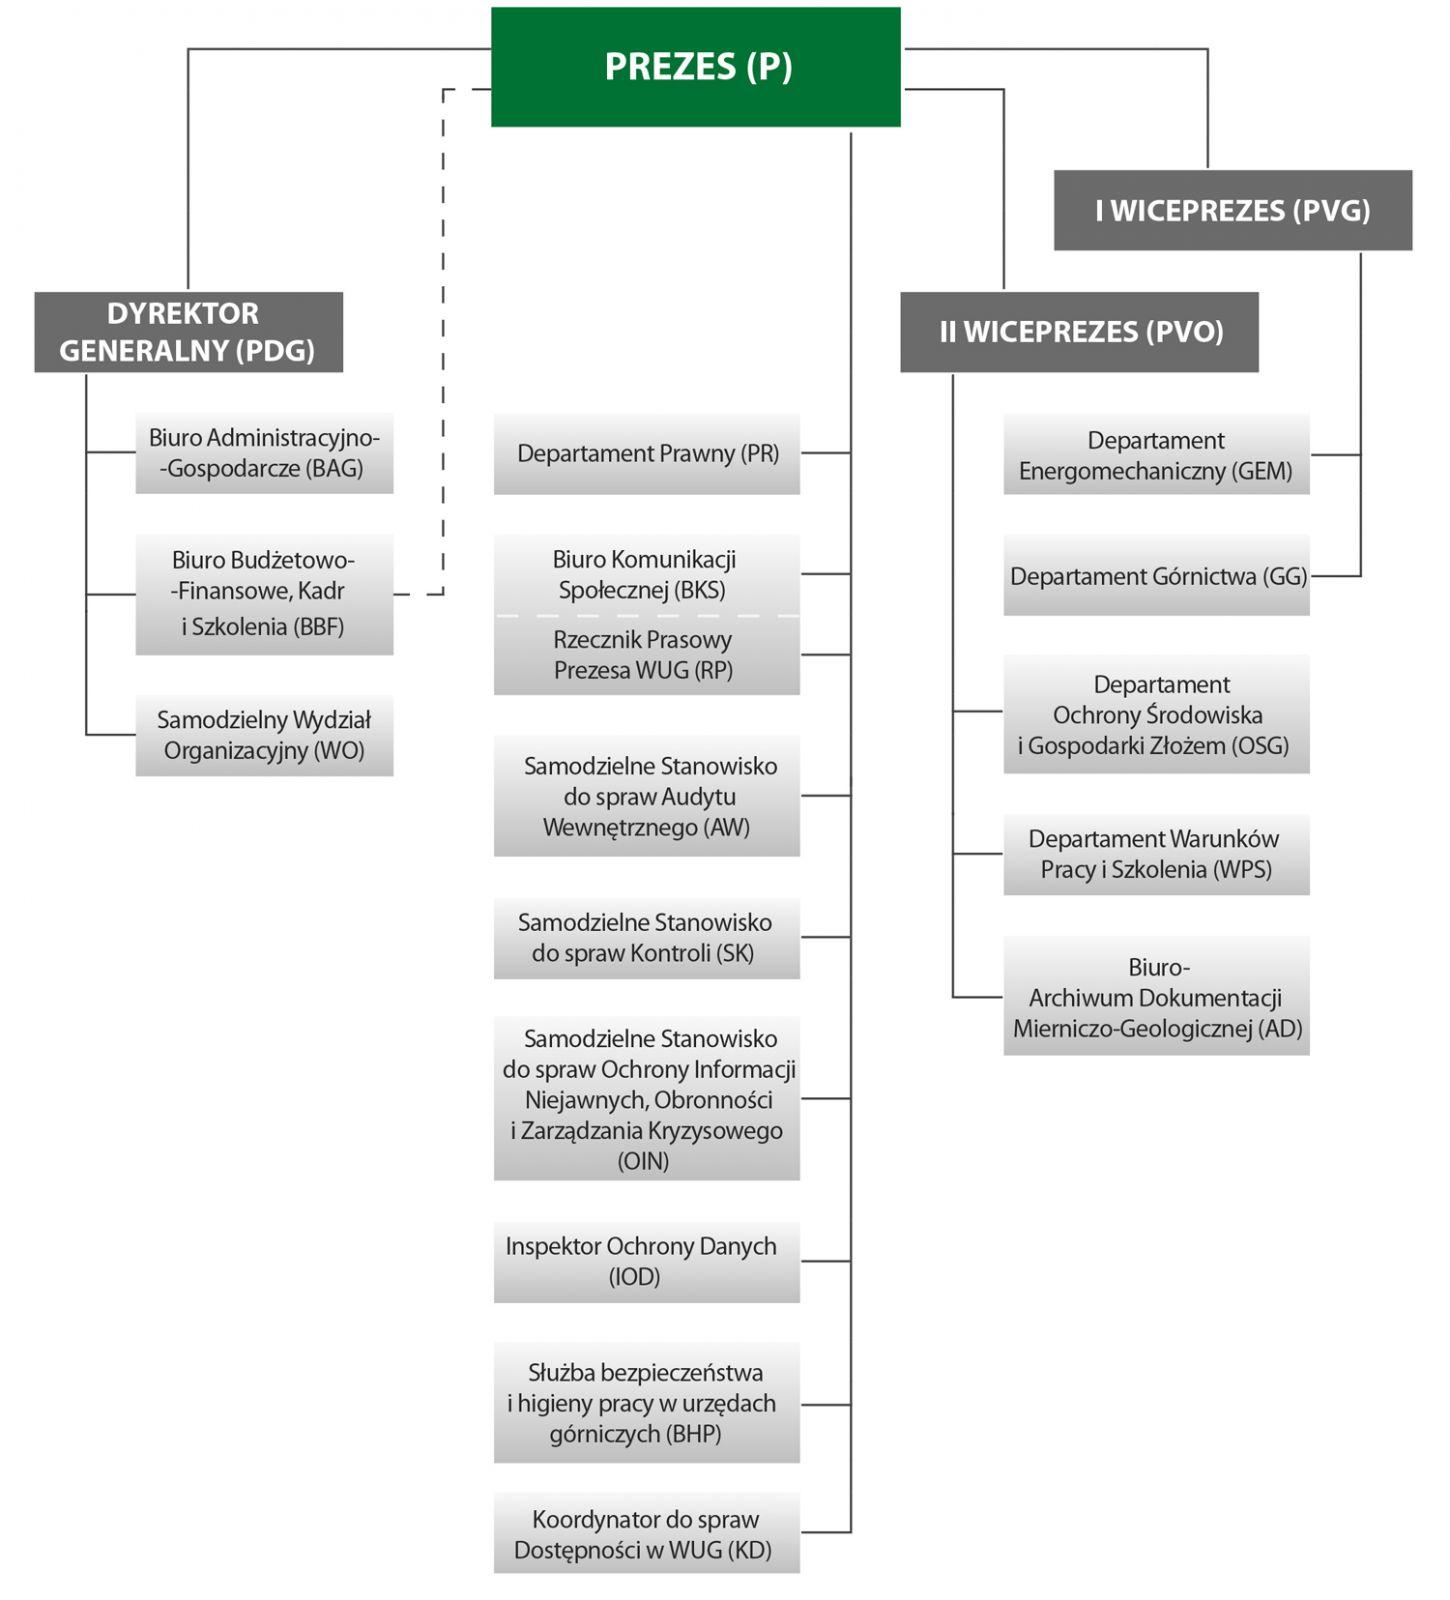 Schemat organizacyjny Wyższego Urzędu Górniczego